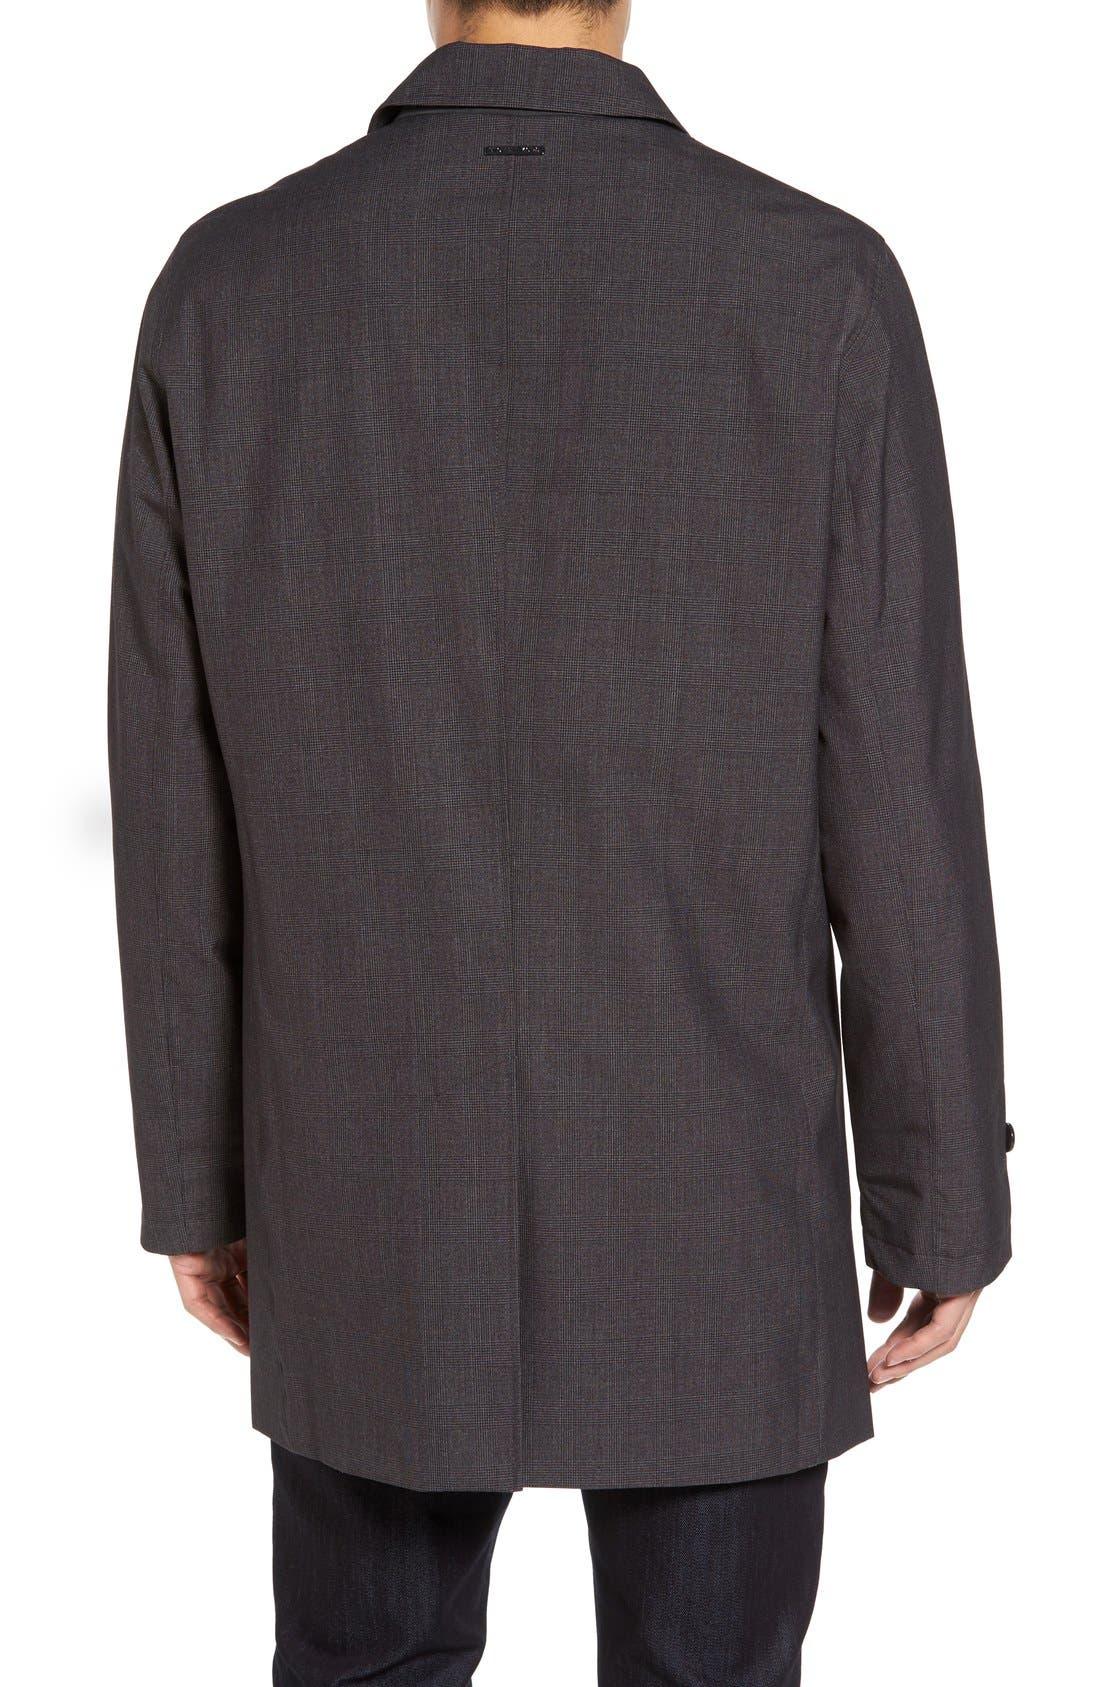 Alternate Image 2  - Michael Kors Waterproof Jacket